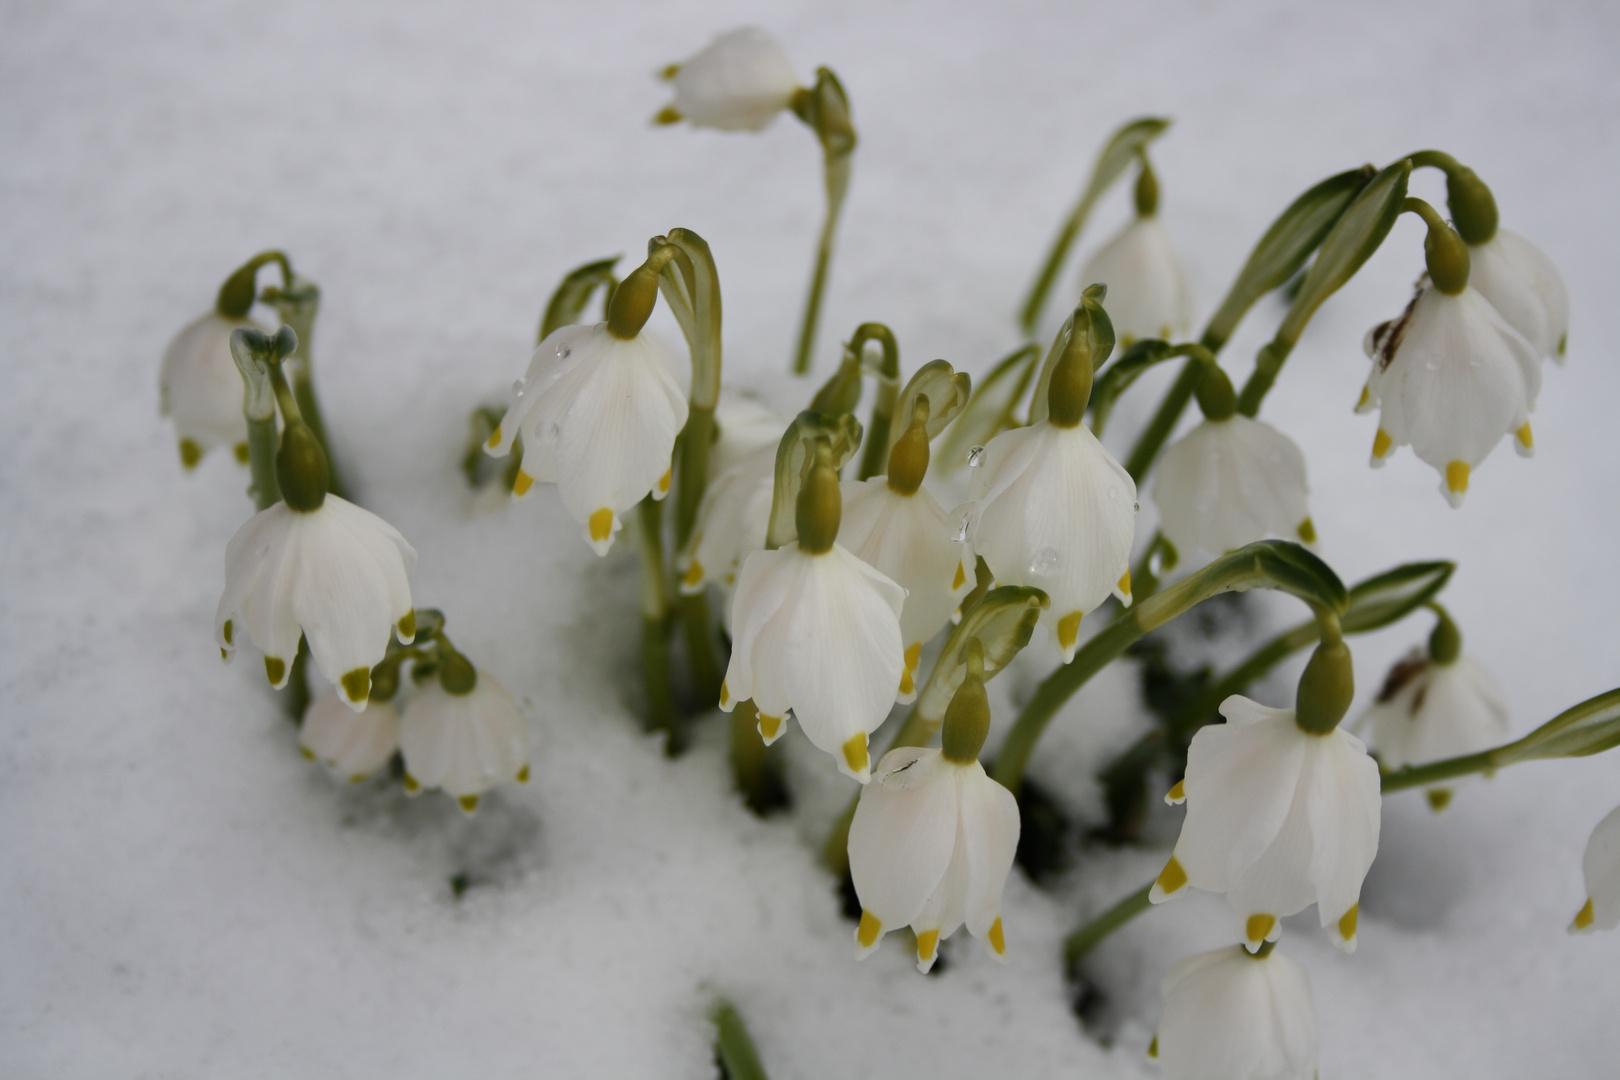 maigl ckchen im schnee foto bild pflanzen pilze. Black Bedroom Furniture Sets. Home Design Ideas